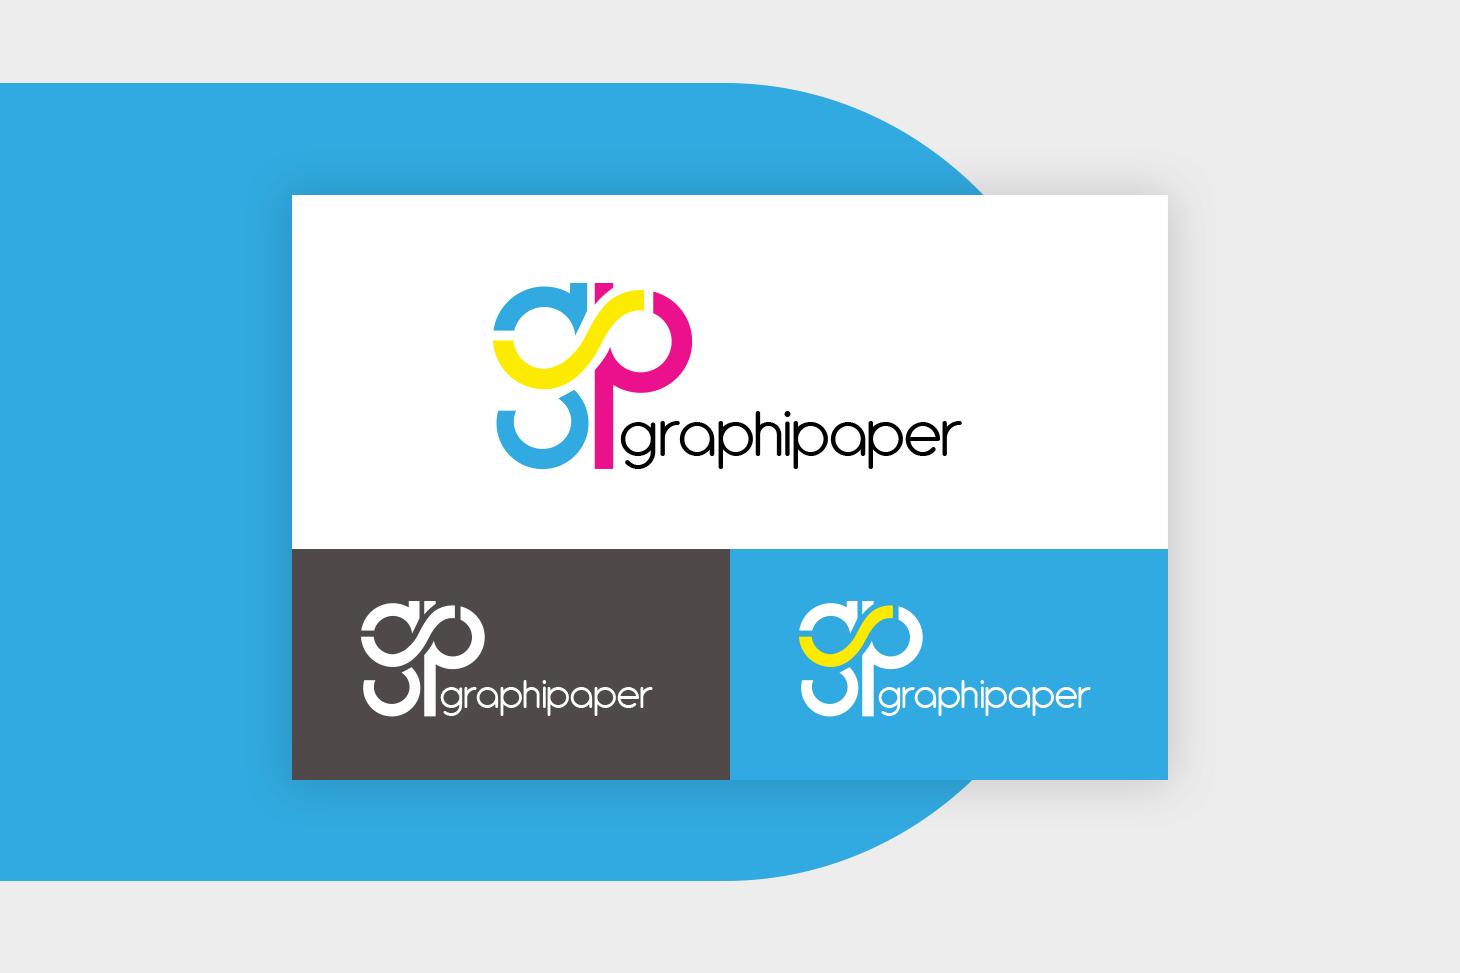 Graphipaper